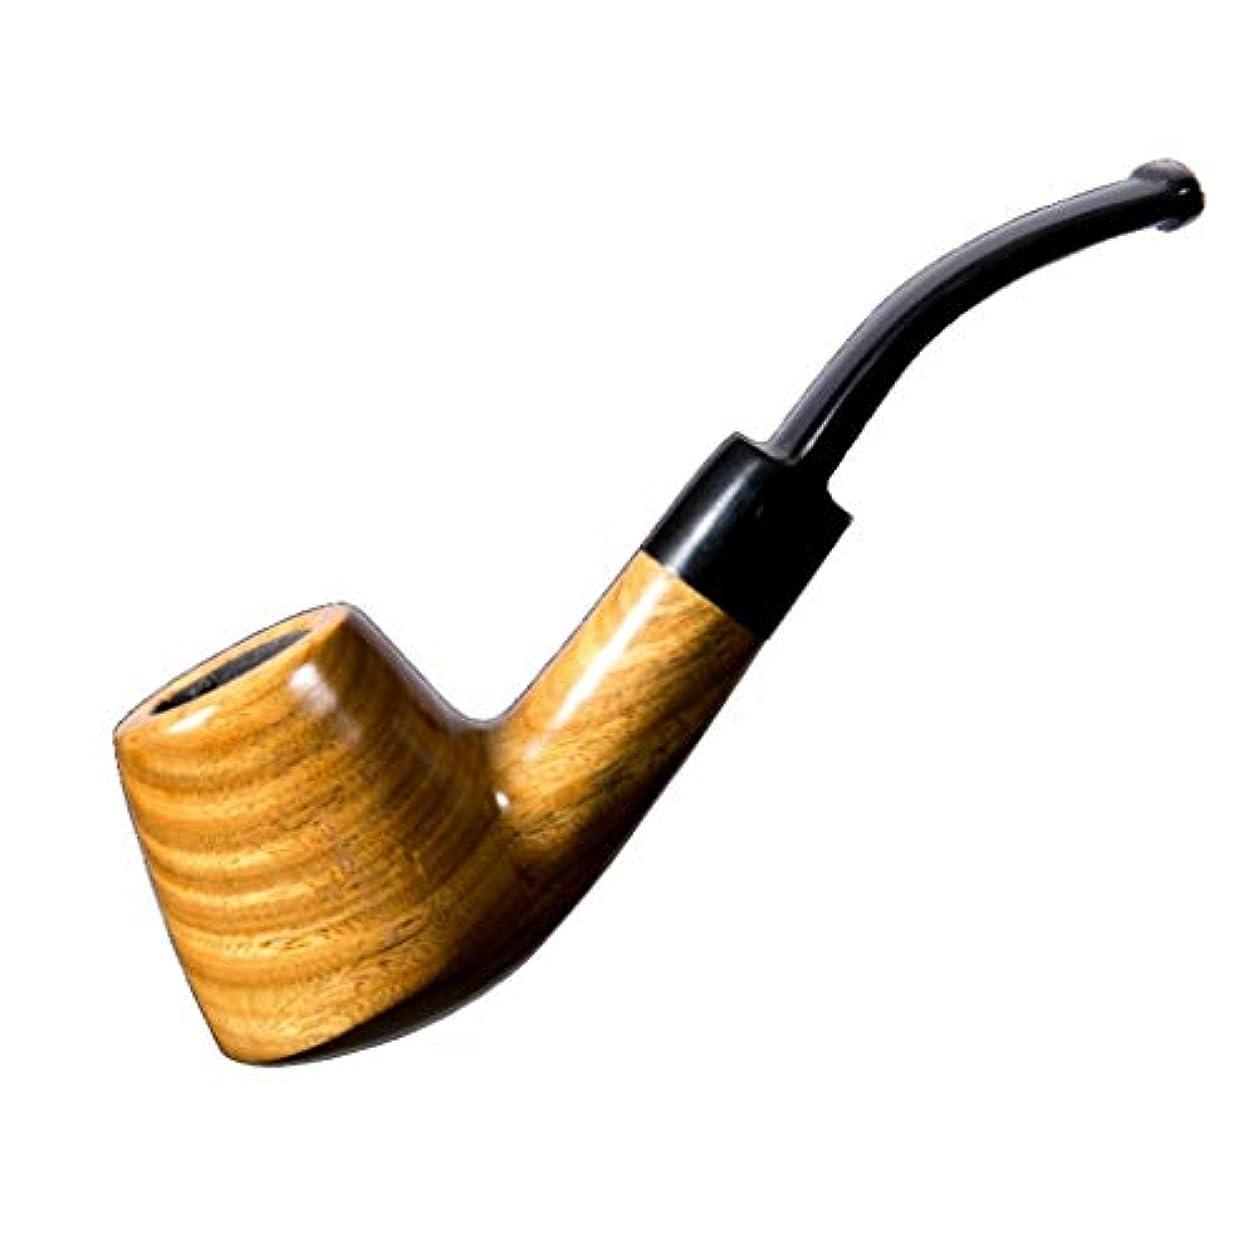 最も早いオートマトン強いますタバコパイプ、古典的な取り外し可能なタバコの喫煙パイプ父の日のギフト